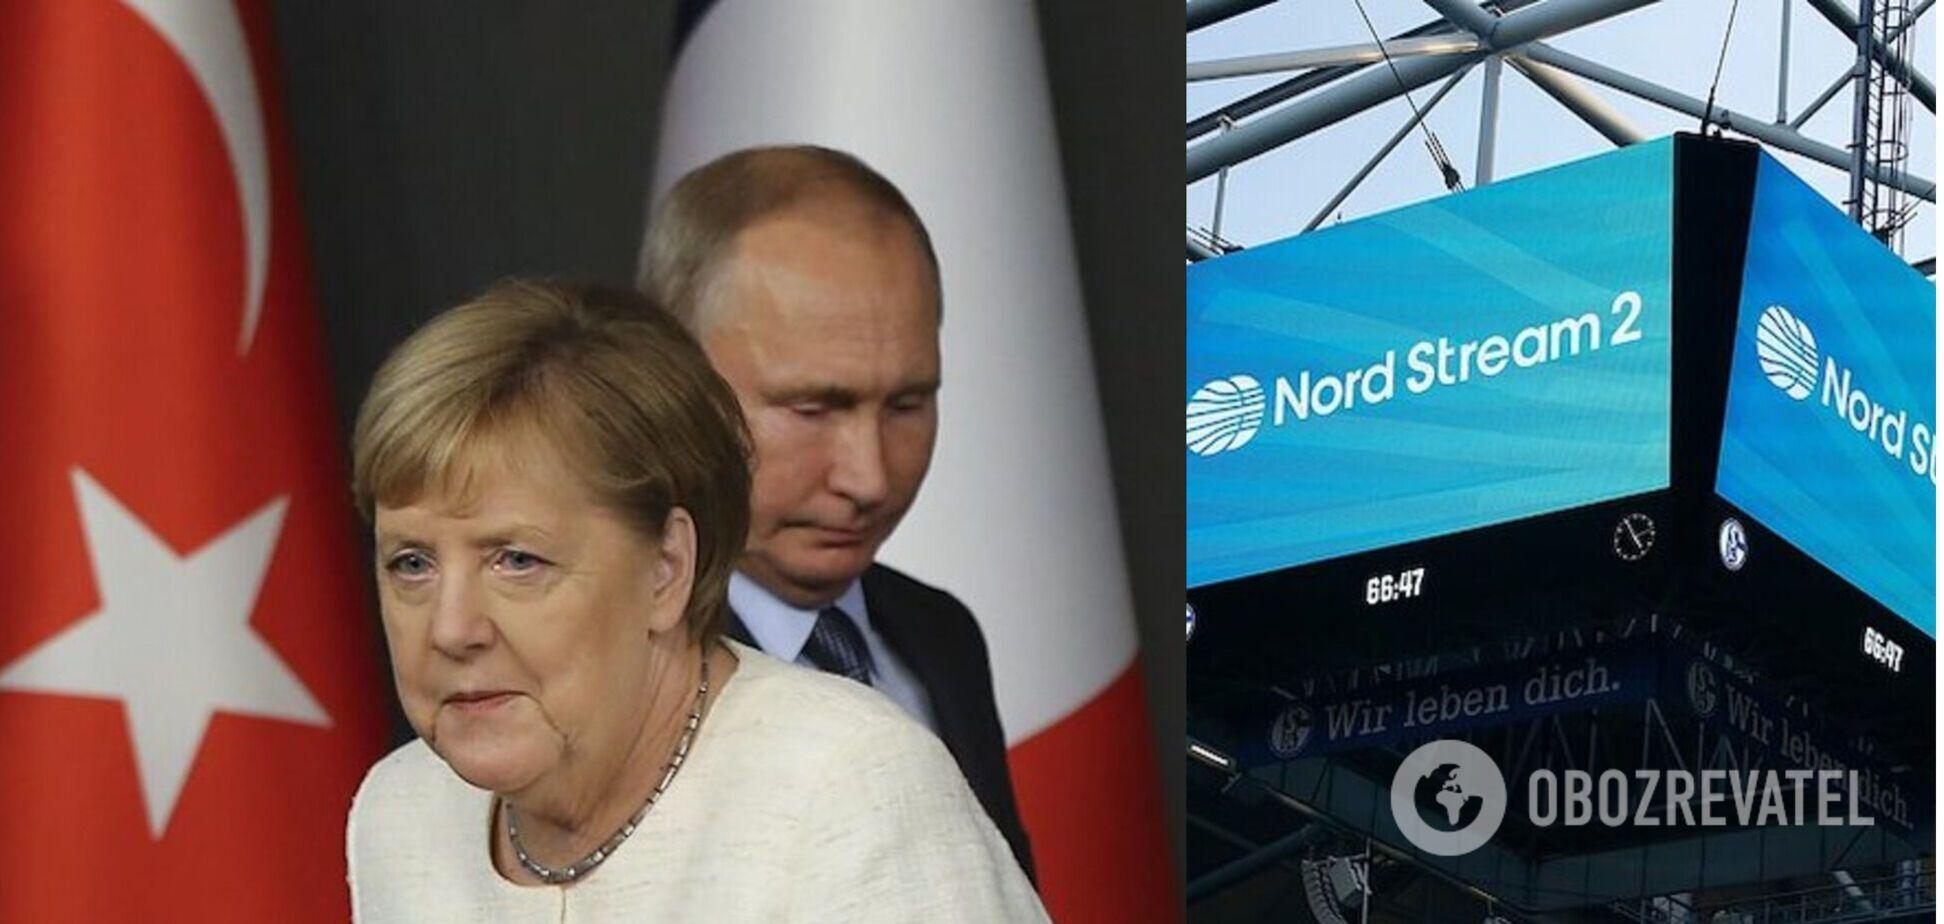 'Дымовая завеса': как российские СМИ отрабатывают 'Северный поток-2'